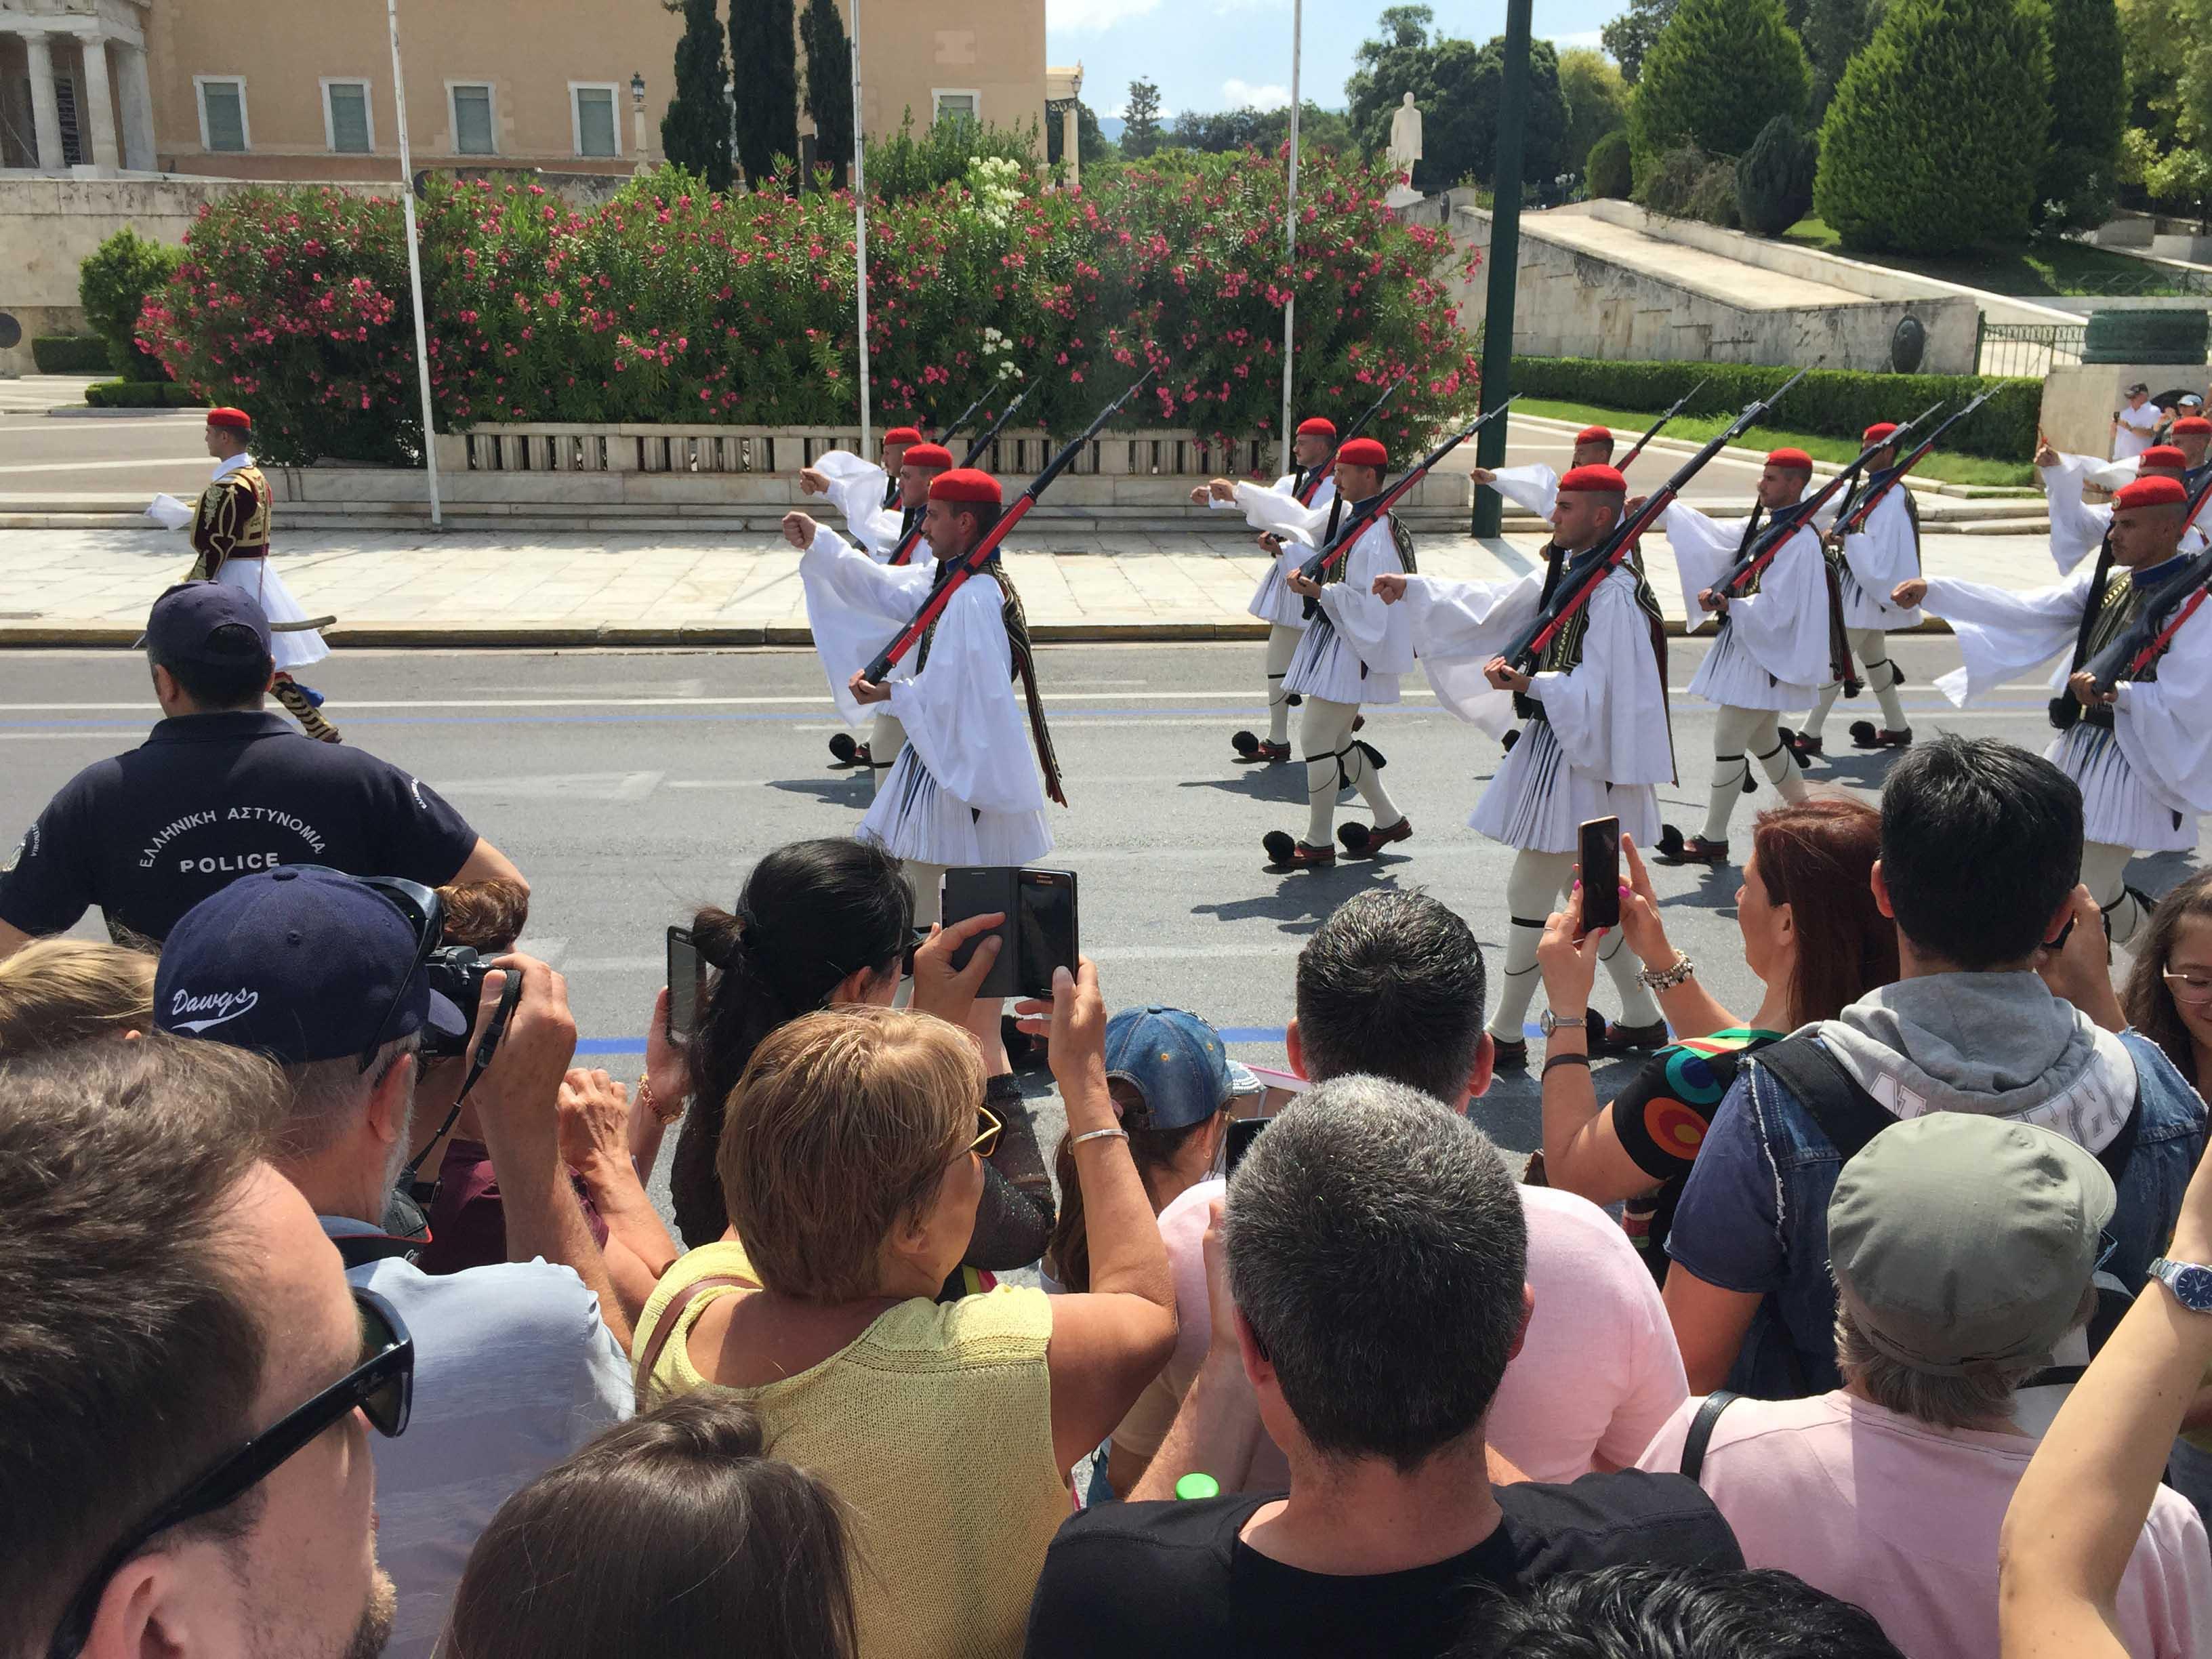 Προεδρική φρουρά-Λεβεντιά και περηφάνια